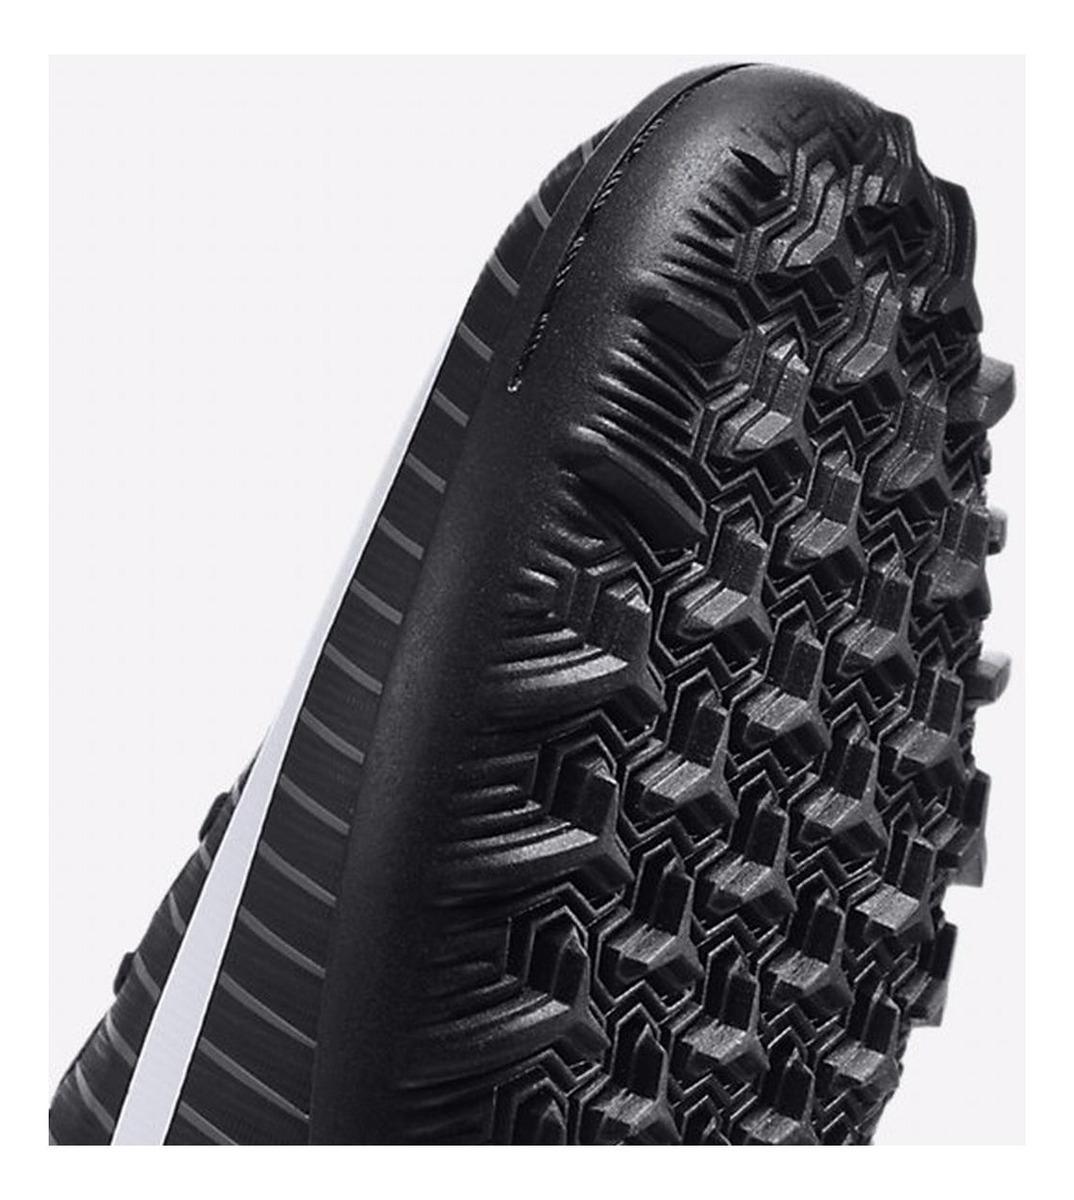 Zapatillas Nike Mercurial X Bota Tf Futbol New